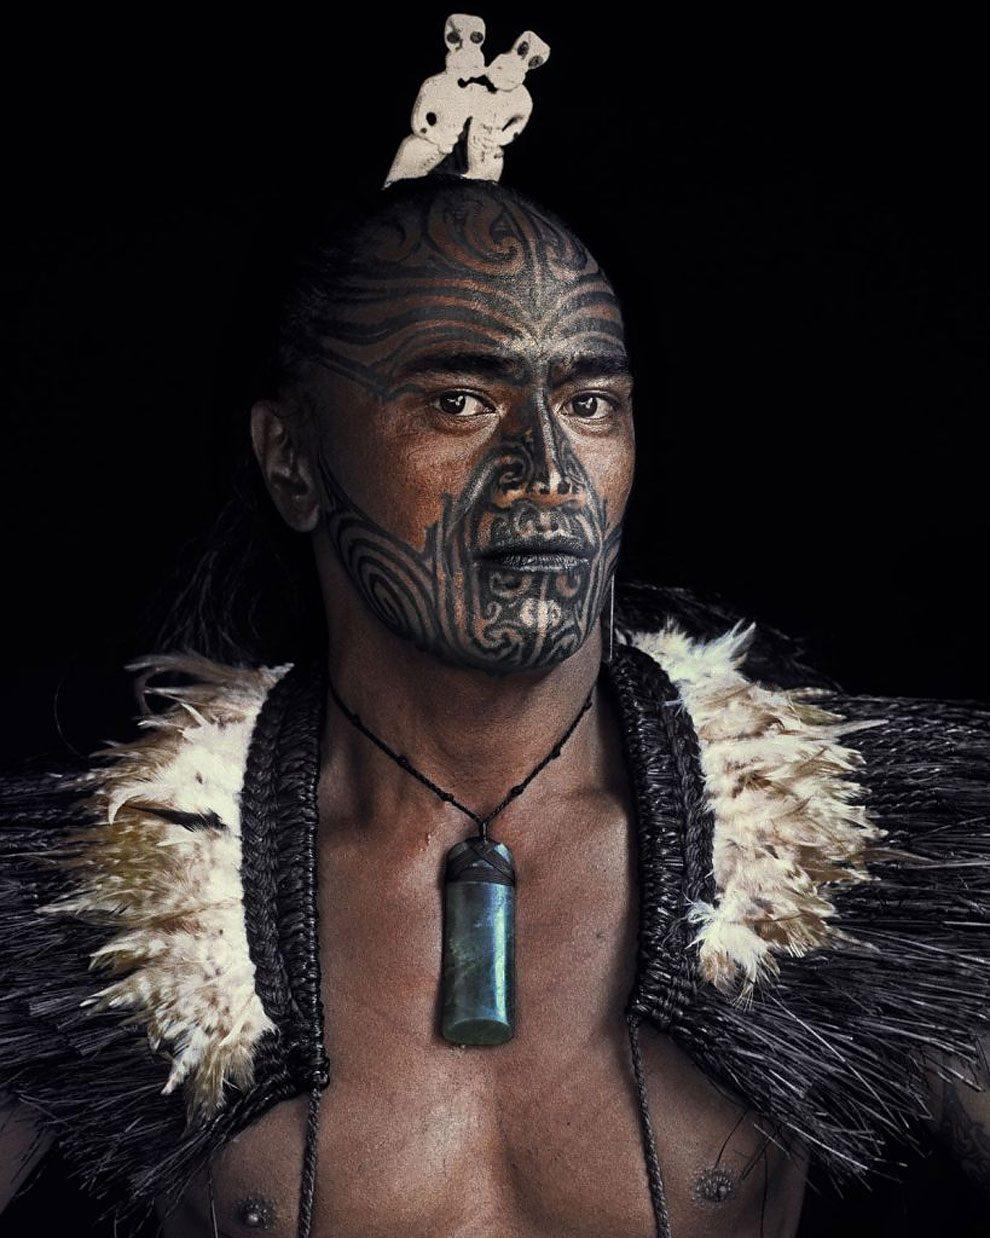 tribu-indigeni-mondo-fotografia-before-they-pass-away-jimmy-nelson-30